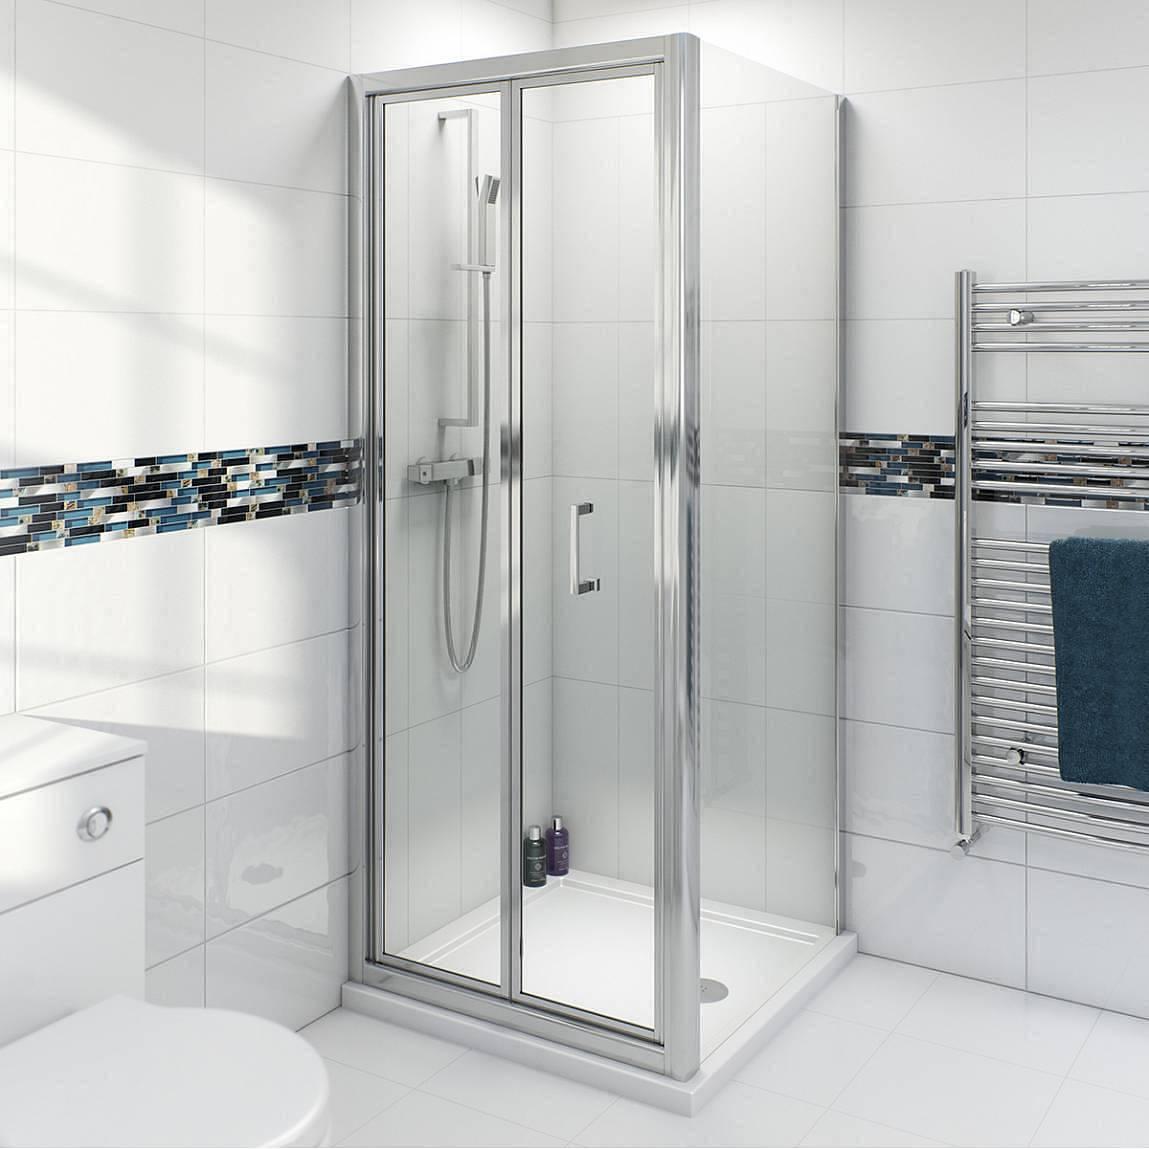 Image of V6 Bifold Enclosure 900 x 760